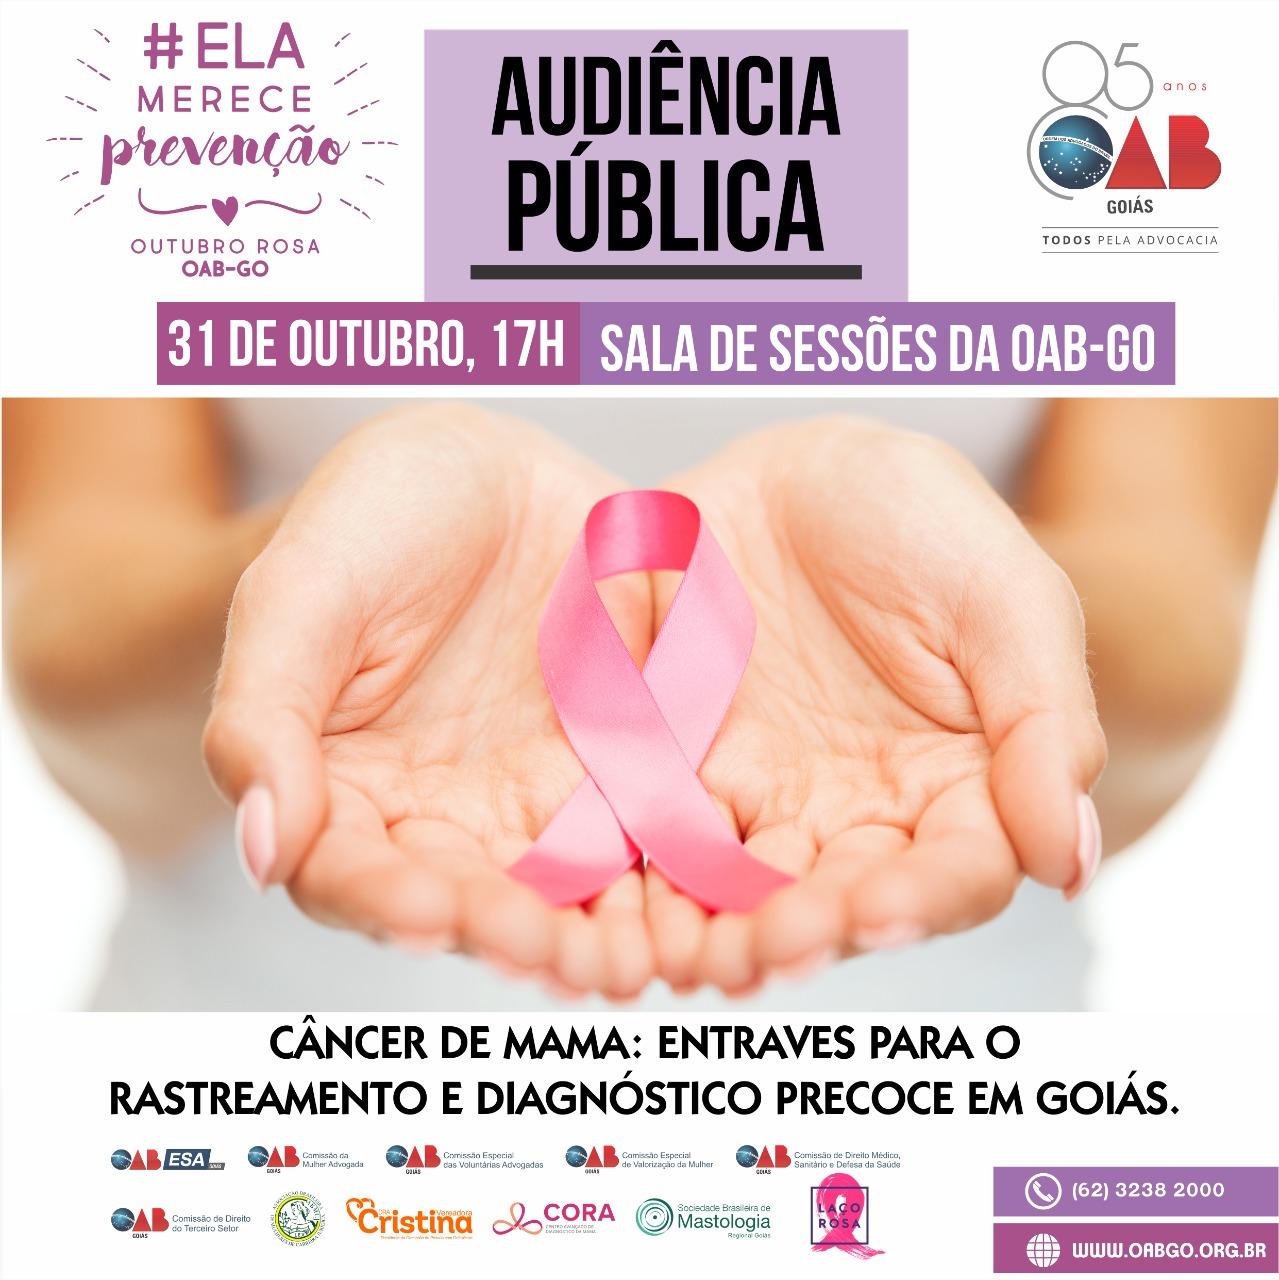 31.10 - Audiência Pública - Câncer de Mama: Entraves para o Rastreamento e Diagnóstico Precoce em Goiás